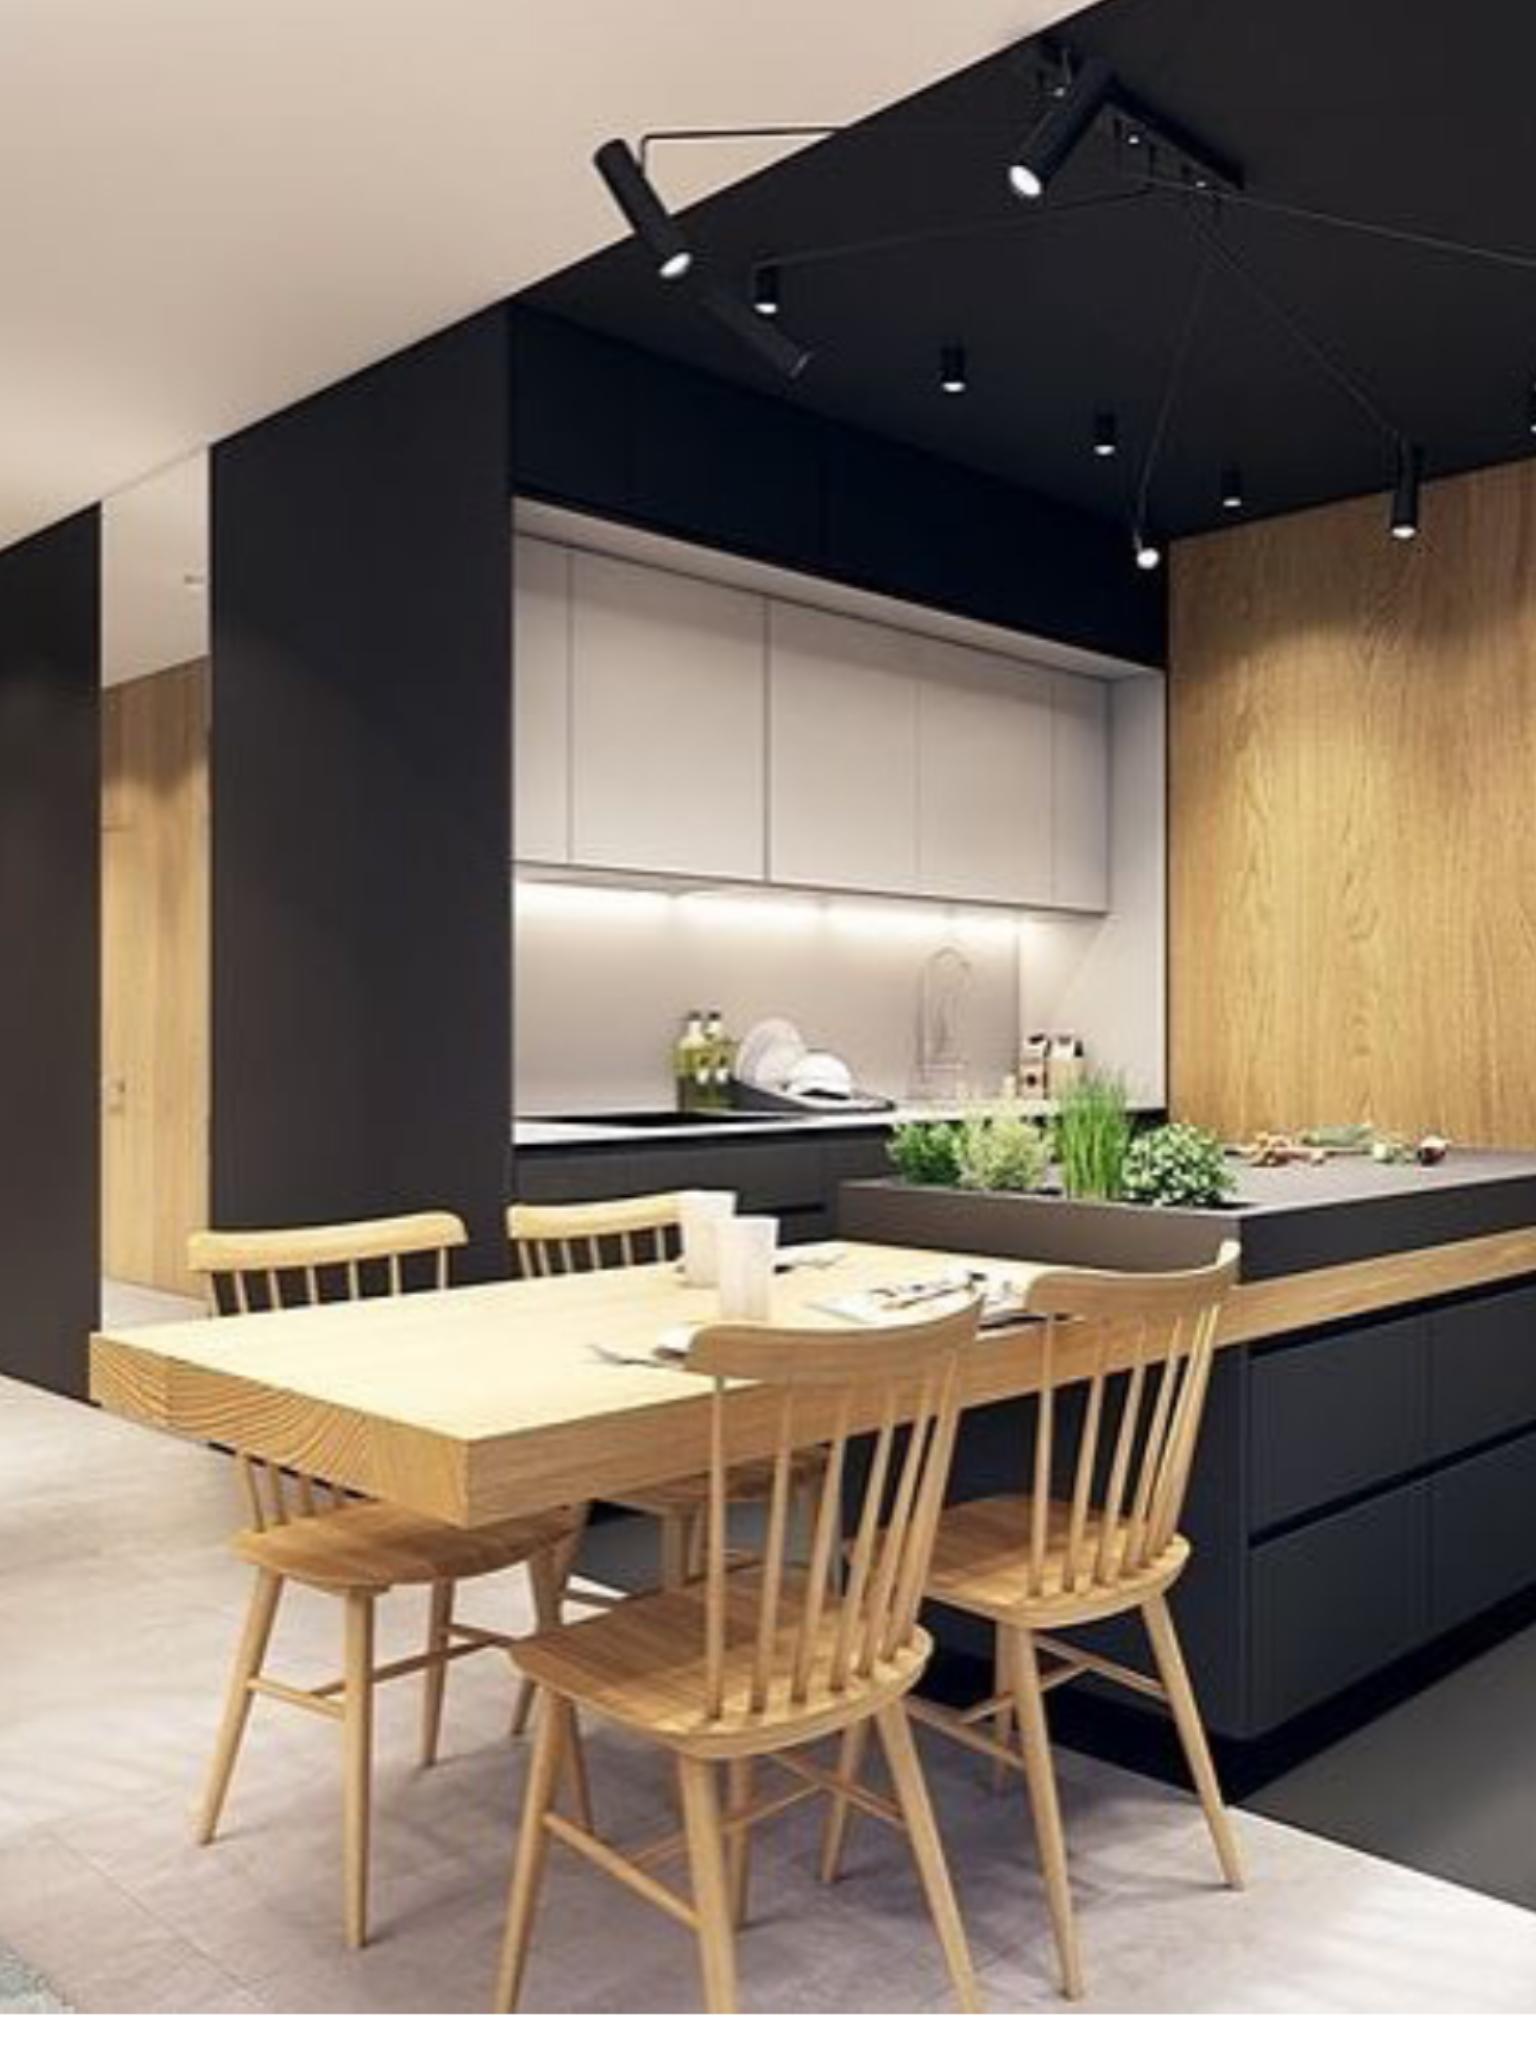 Küchen-designmöbel pin von omid auf kitchens  pinterest  haus dekoration wohnung und